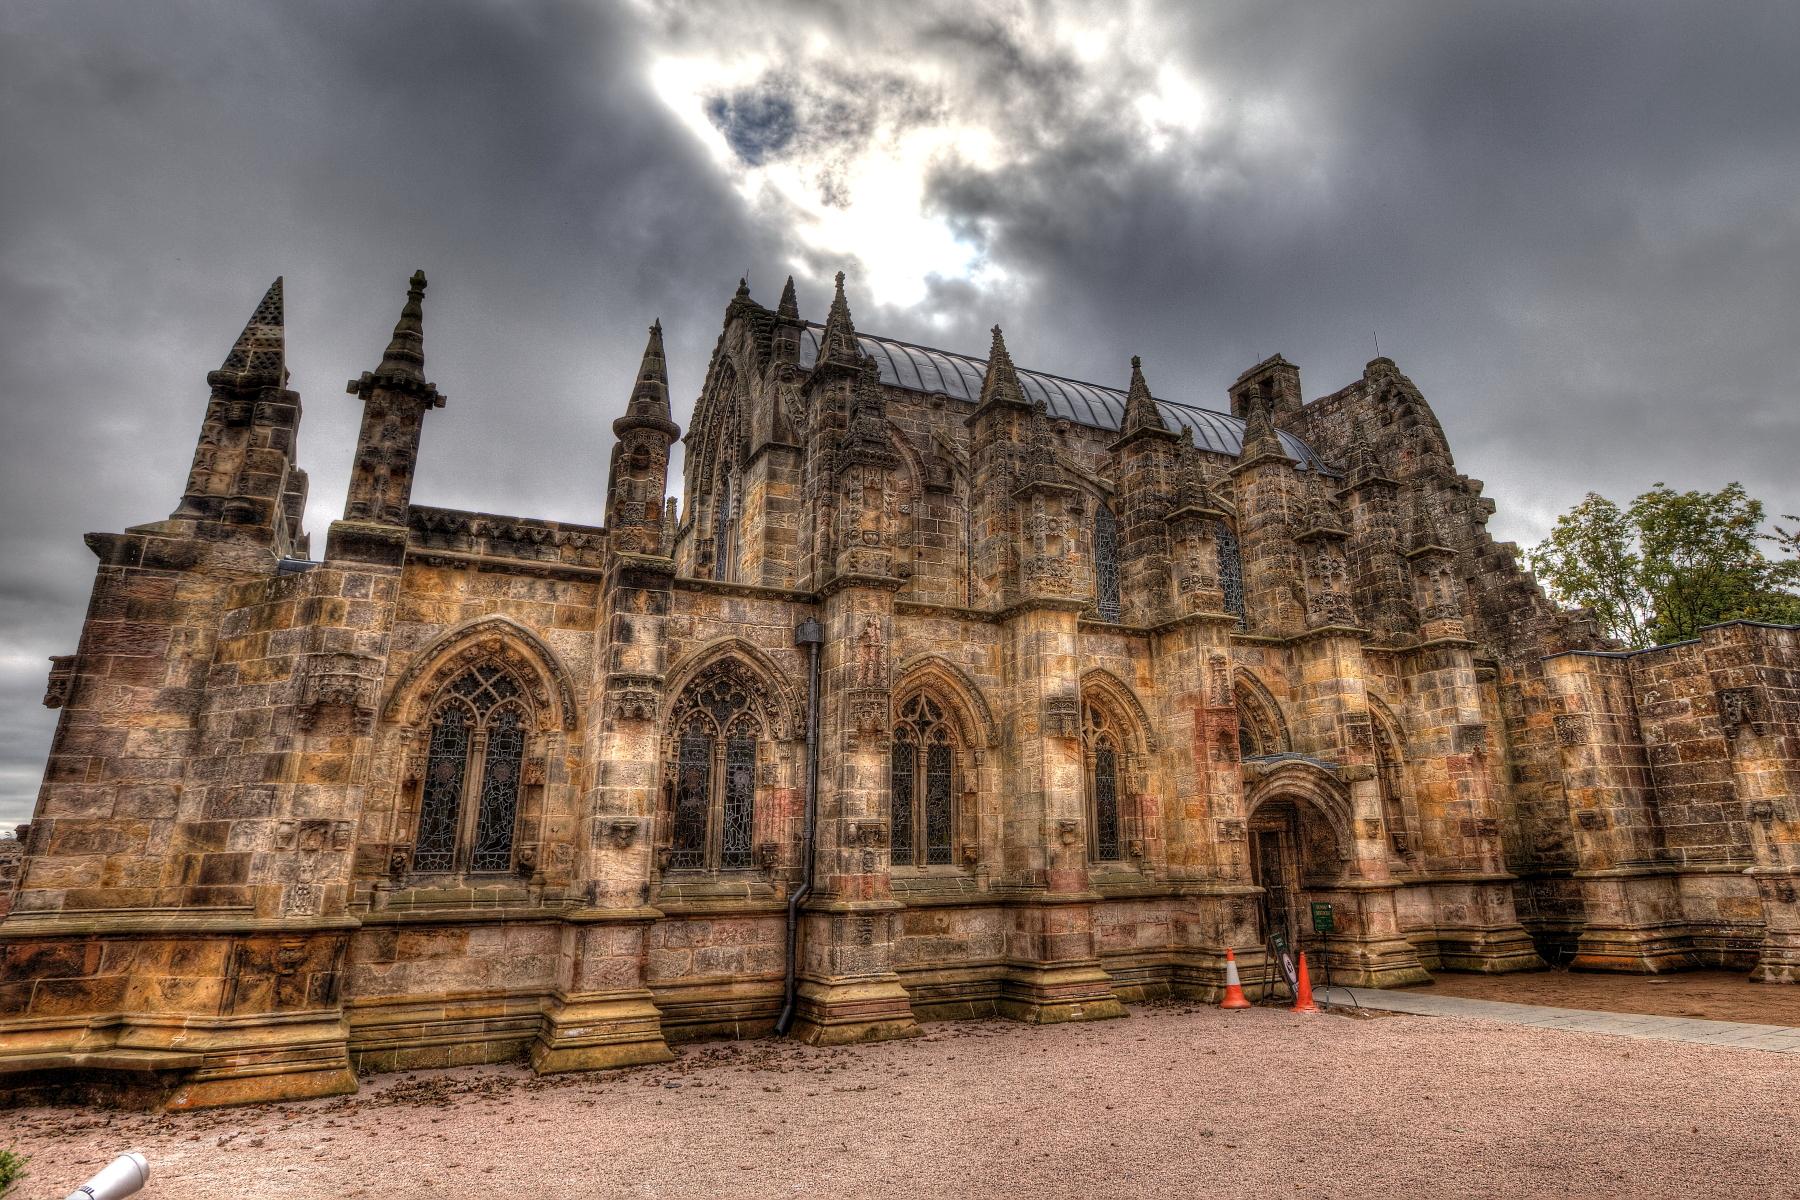 Výstavba kaple započala v polovině 15. století